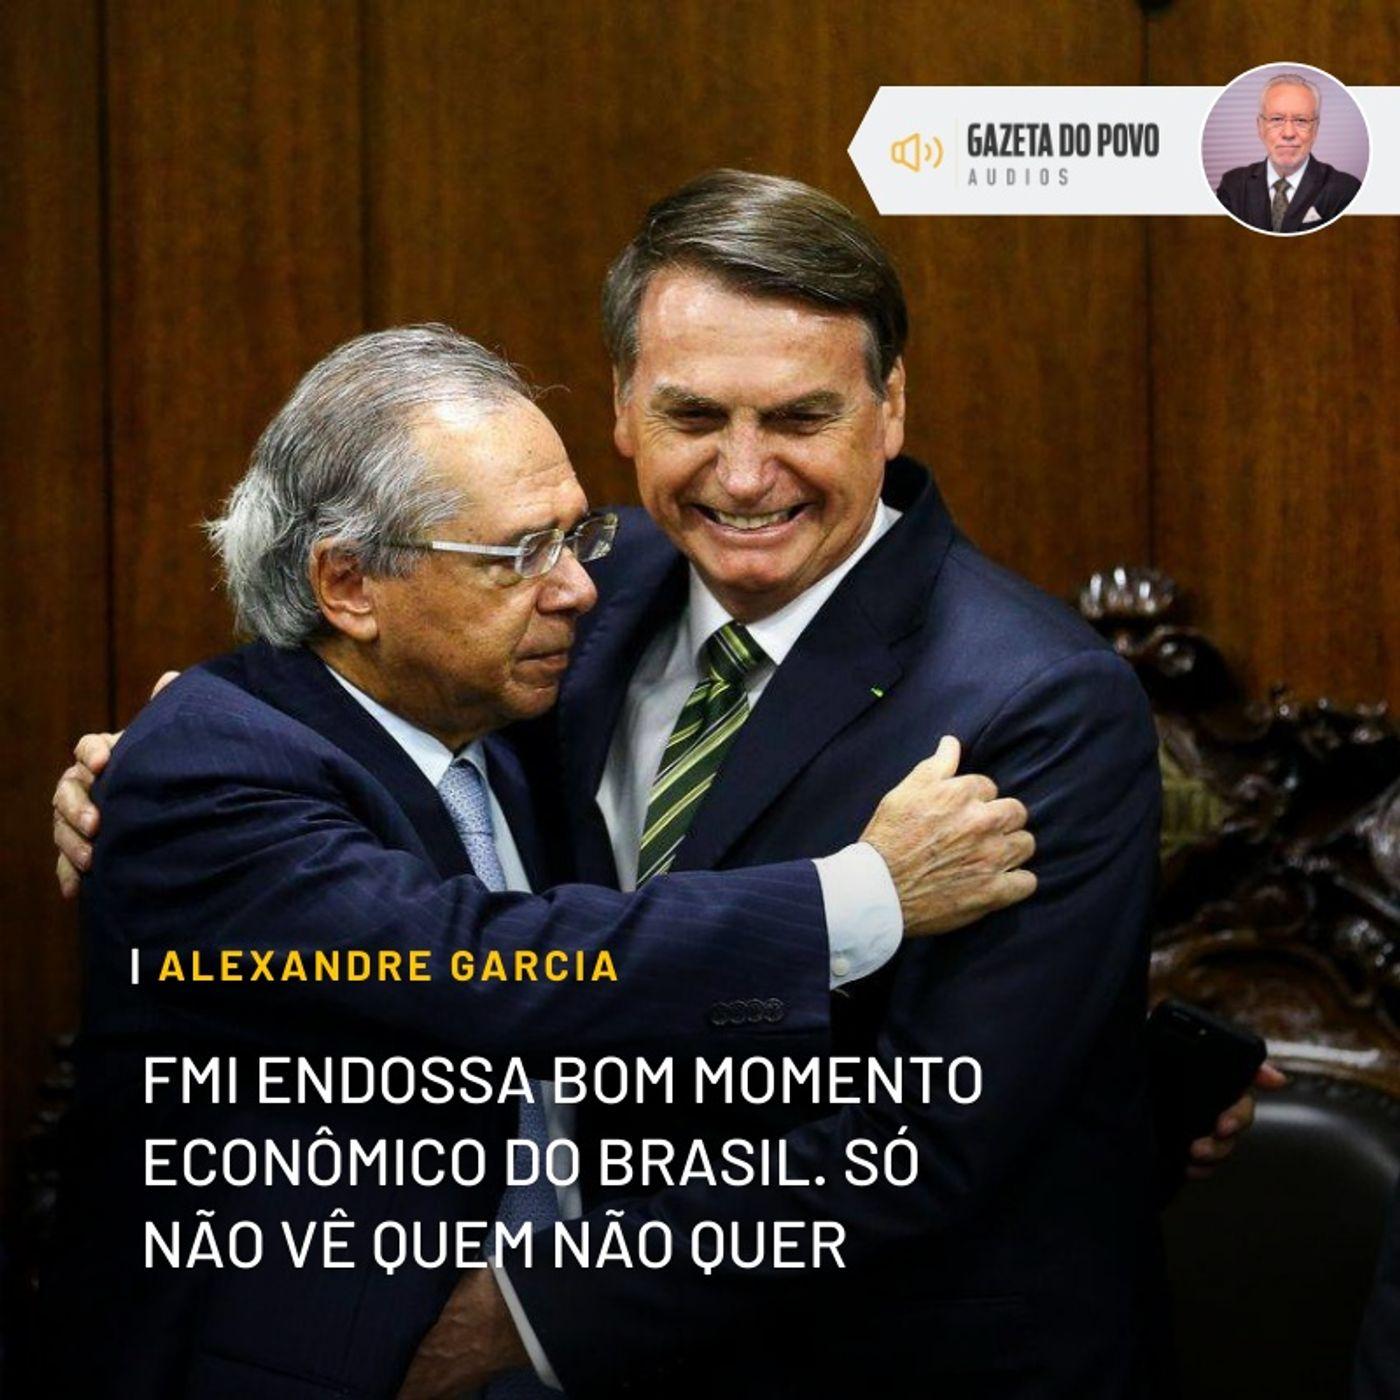 FMI endossa bom momento econômico do Brasil